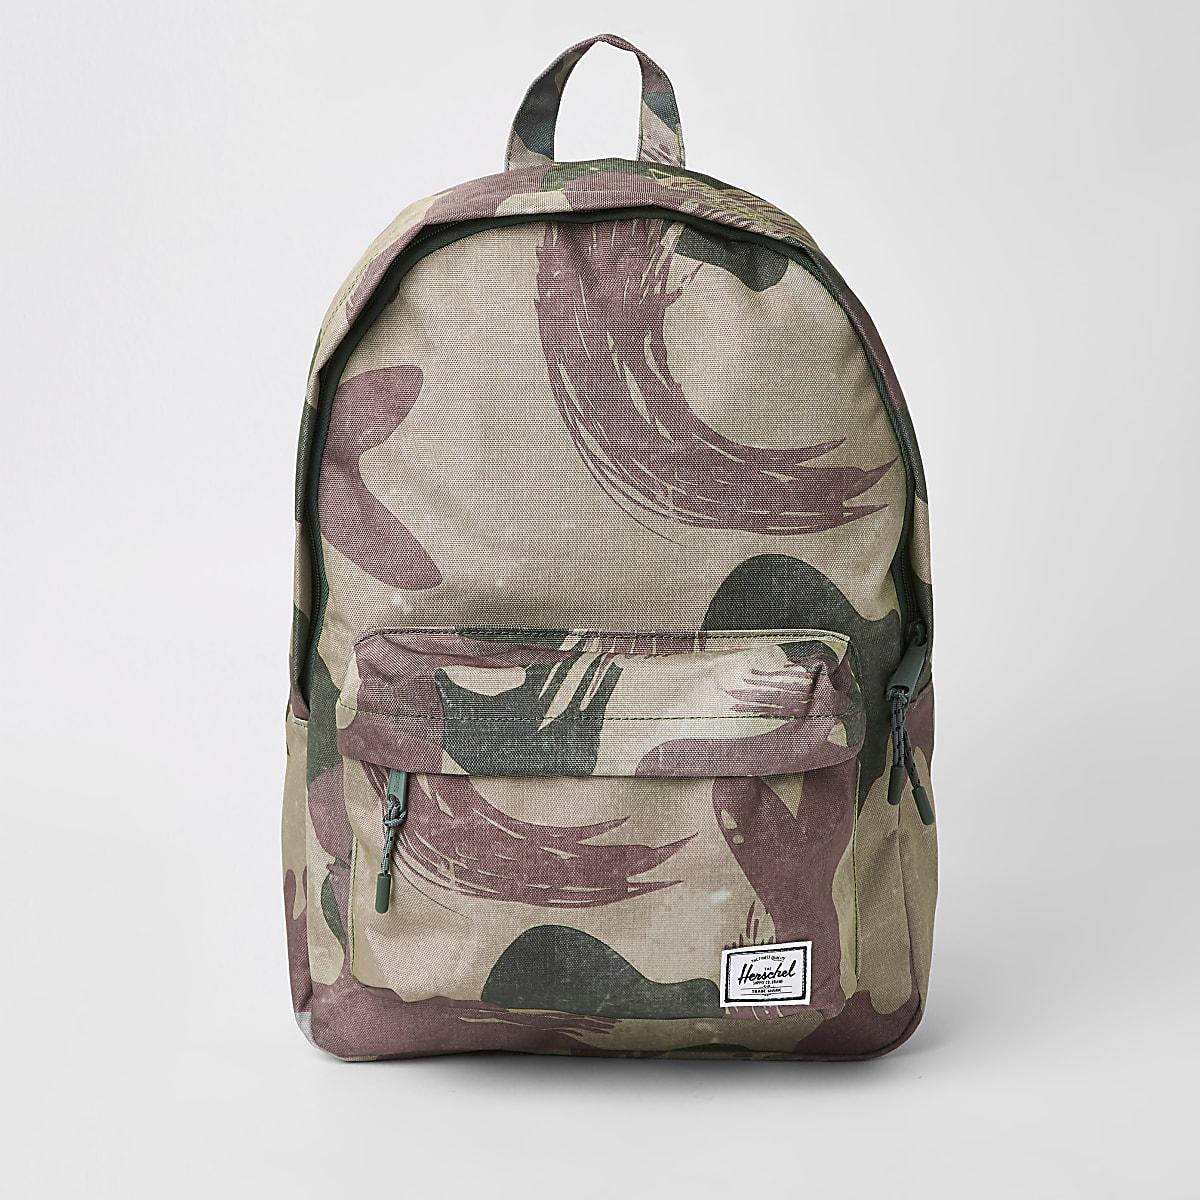 Herschel green Classic camo backpack